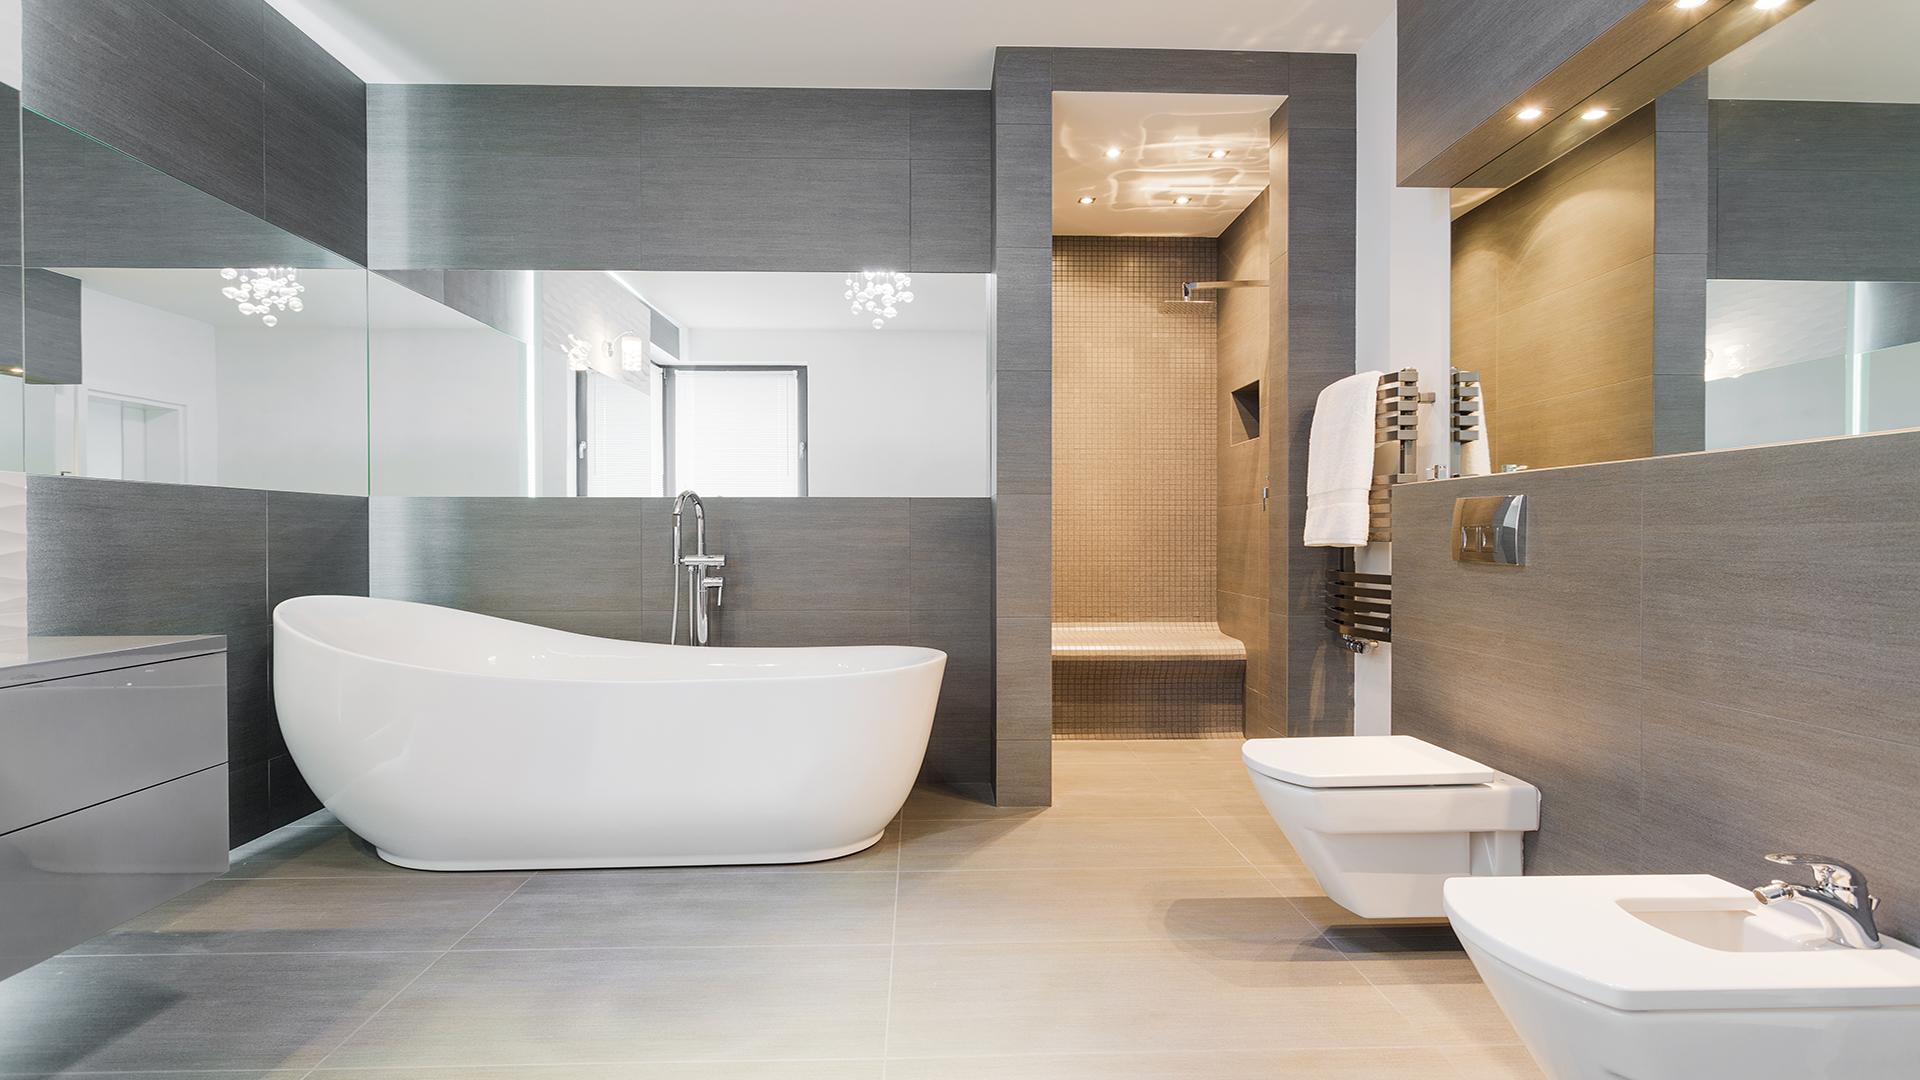 Jak Zaprojektować Oświetlenie W łazience Knaufmagpl